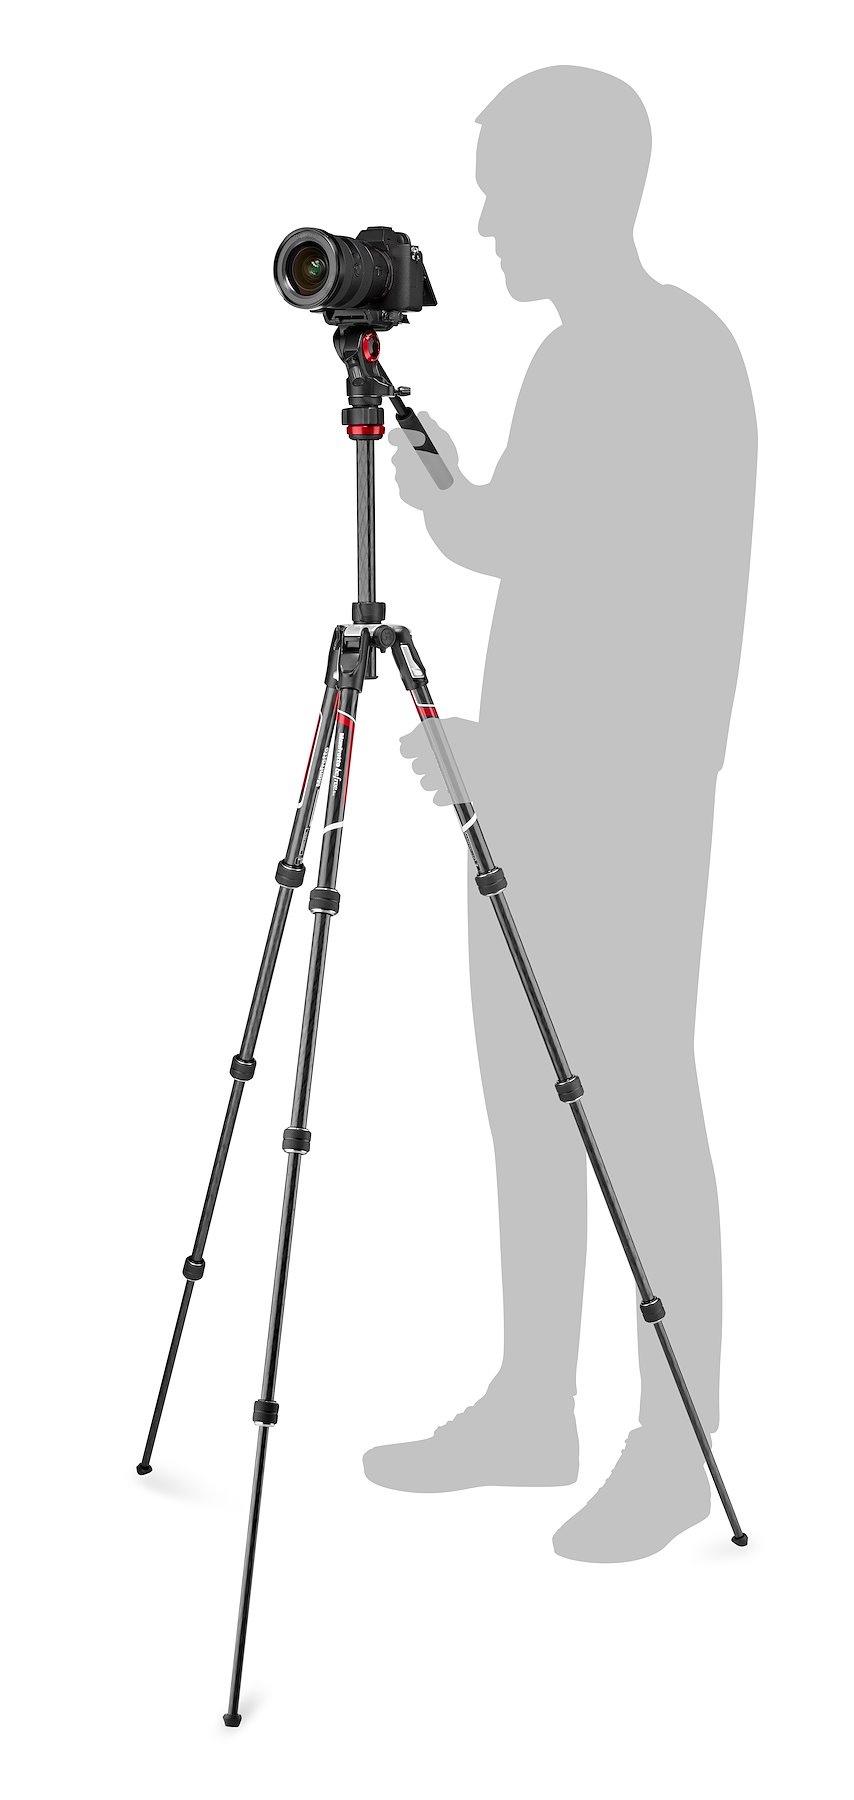 Maximální výška Manfrotto Befree Live činí 150 cm | Zdroj foto Manfrotto